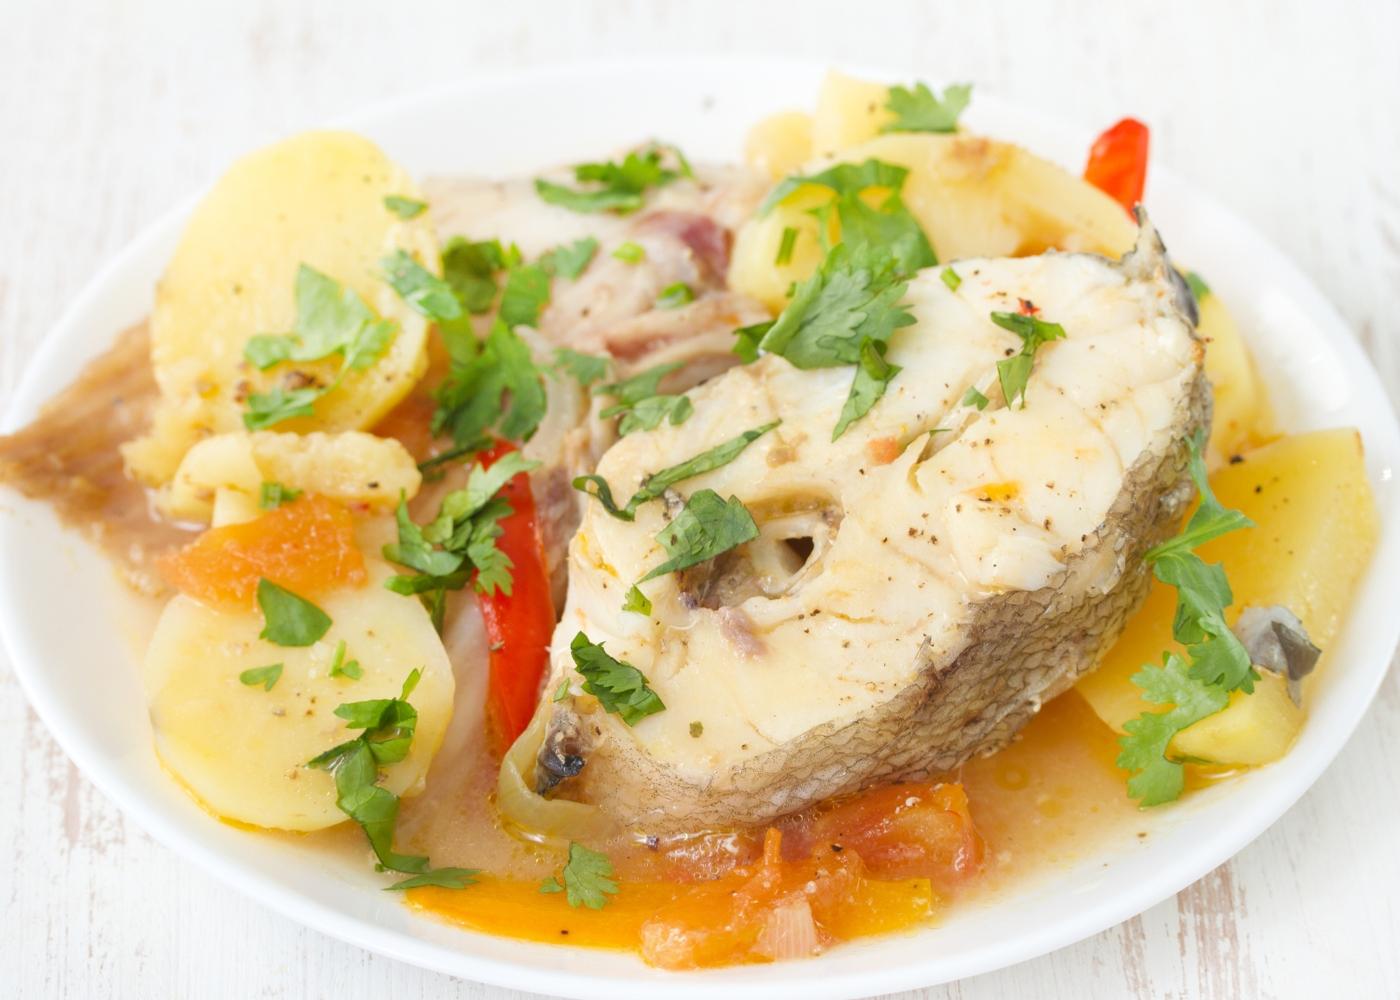 Caldeirada de garoupa servida num prato